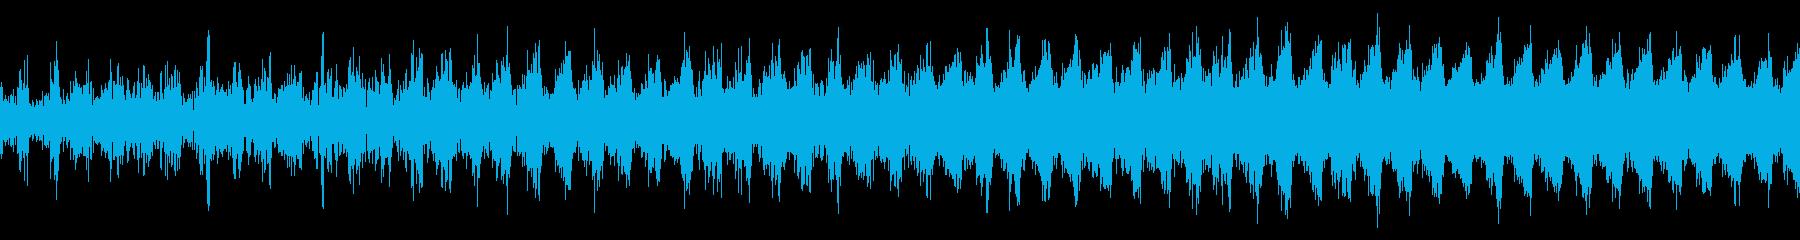 【ゲーム・アプリ】ライザー FX_01の再生済みの波形